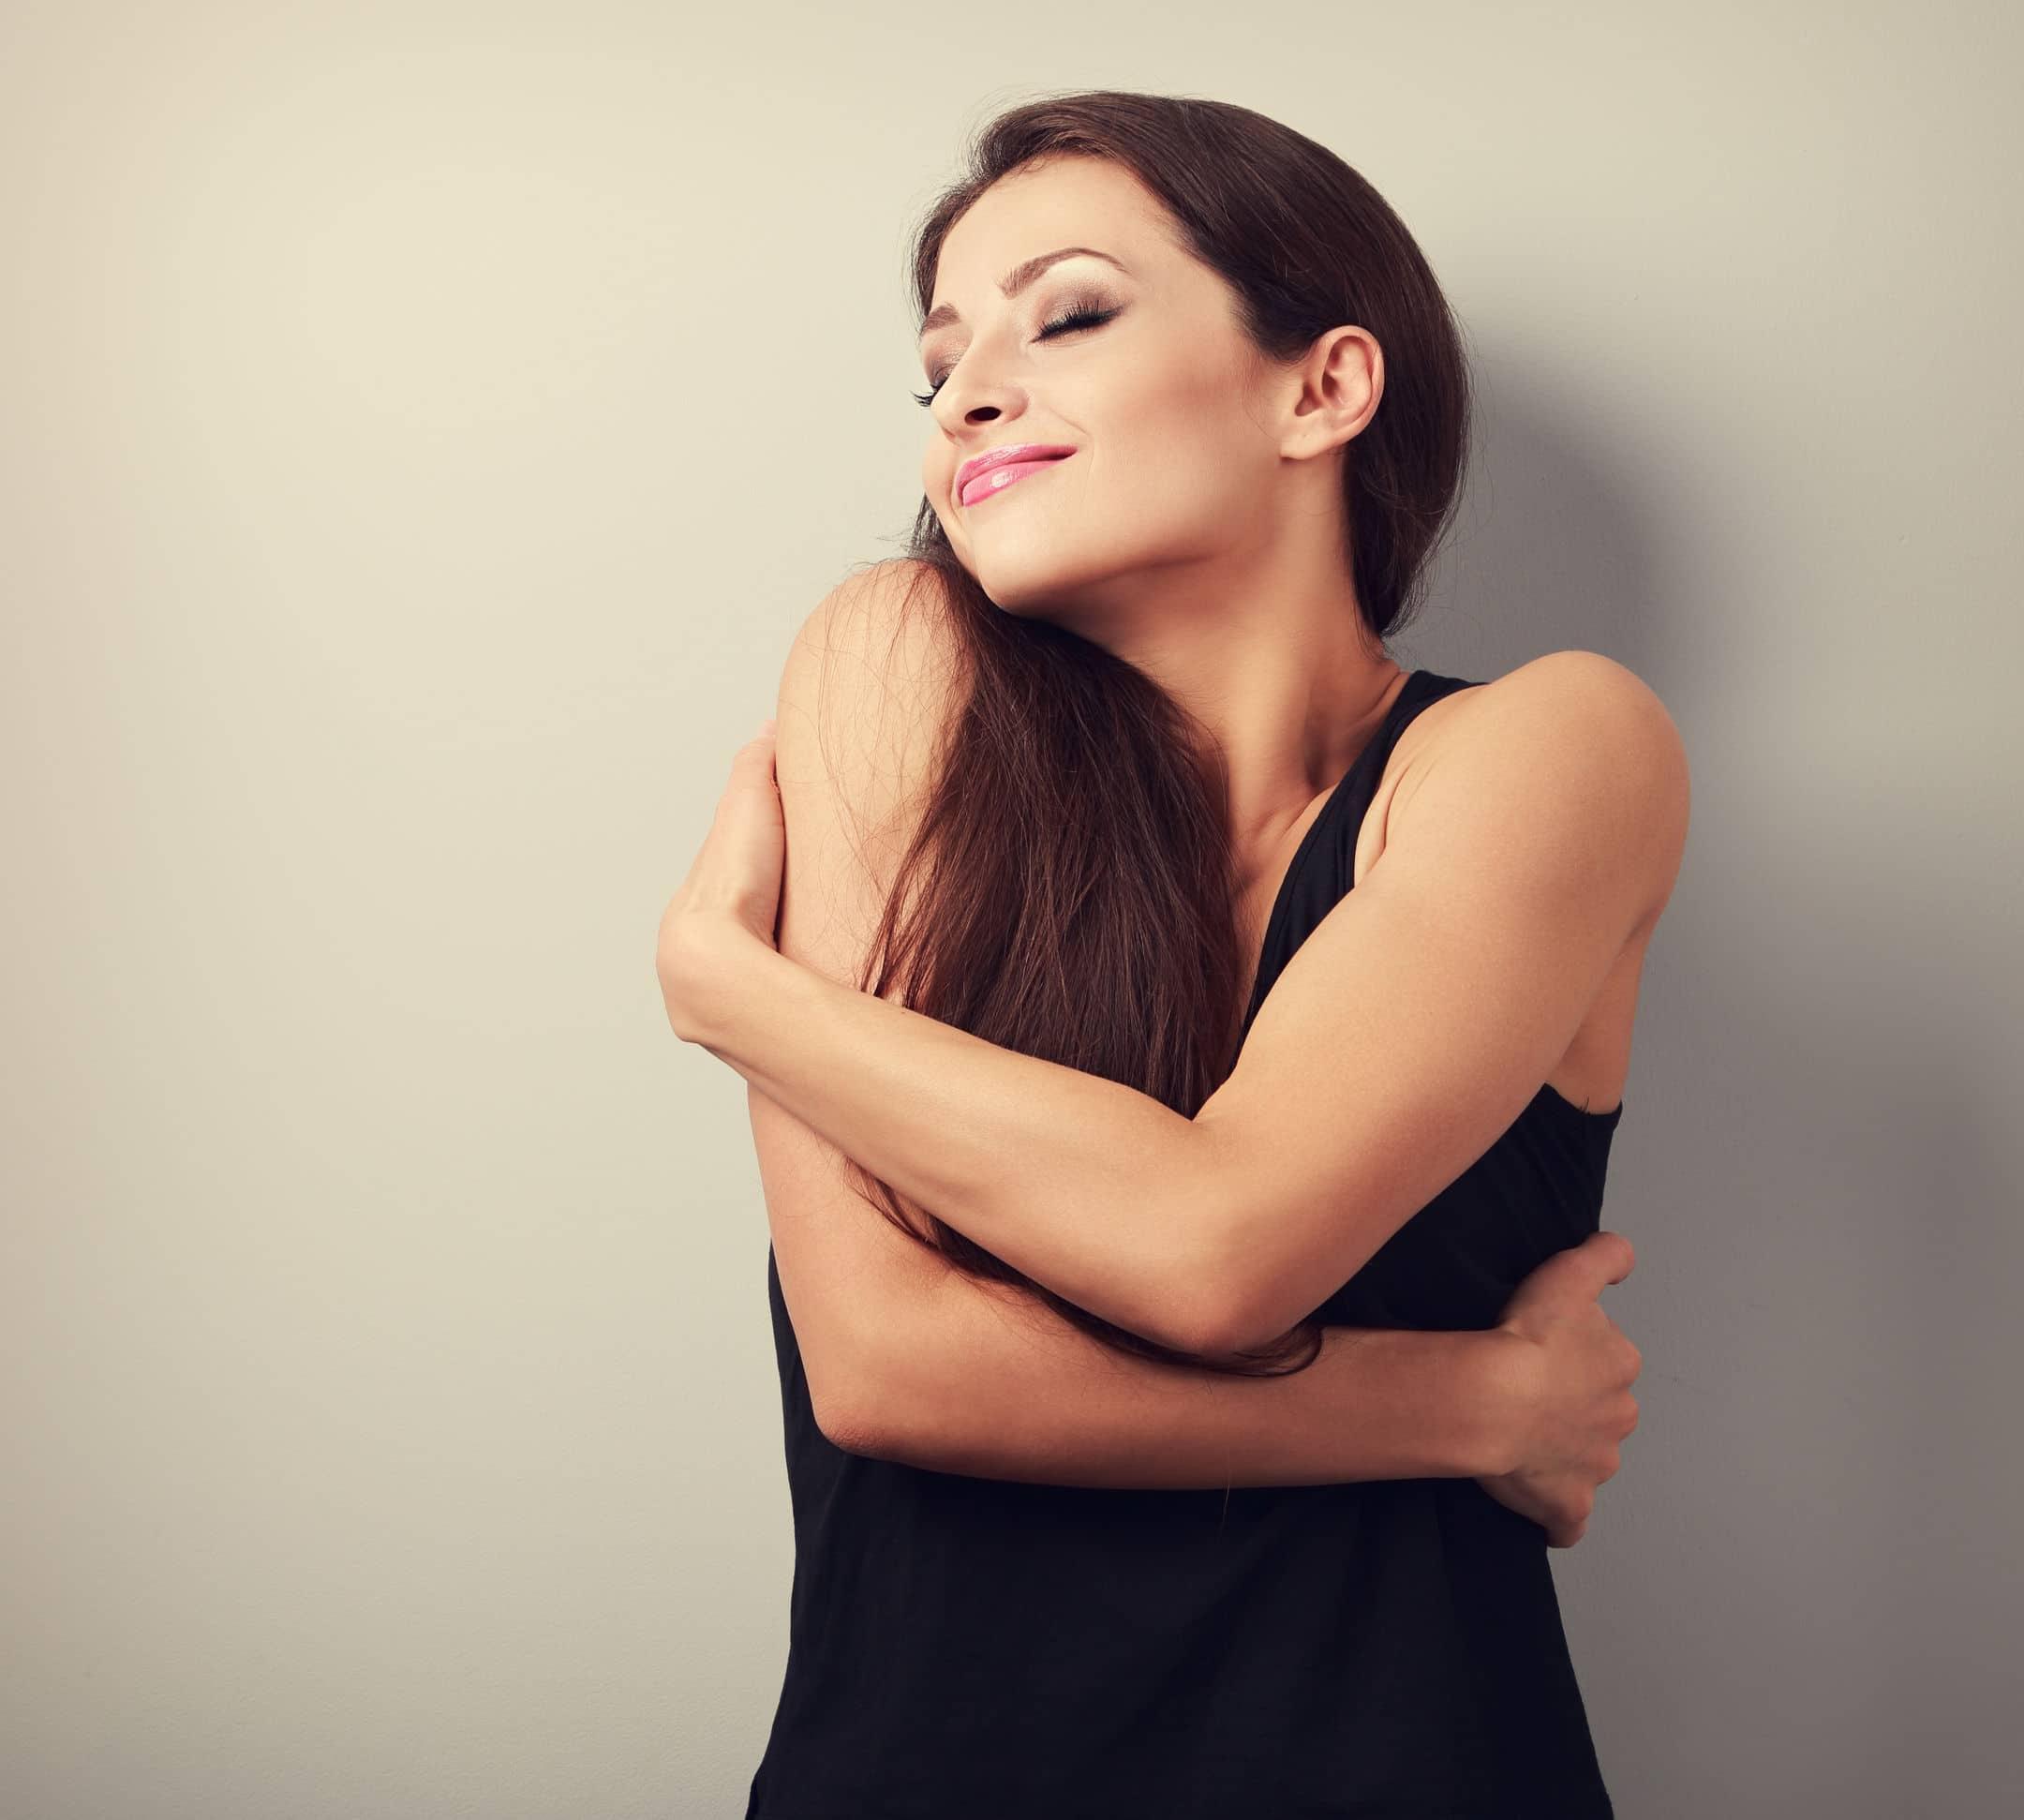 Mulher branca, vestindo regata preta, encostada em uma parede bege, se abraçando.